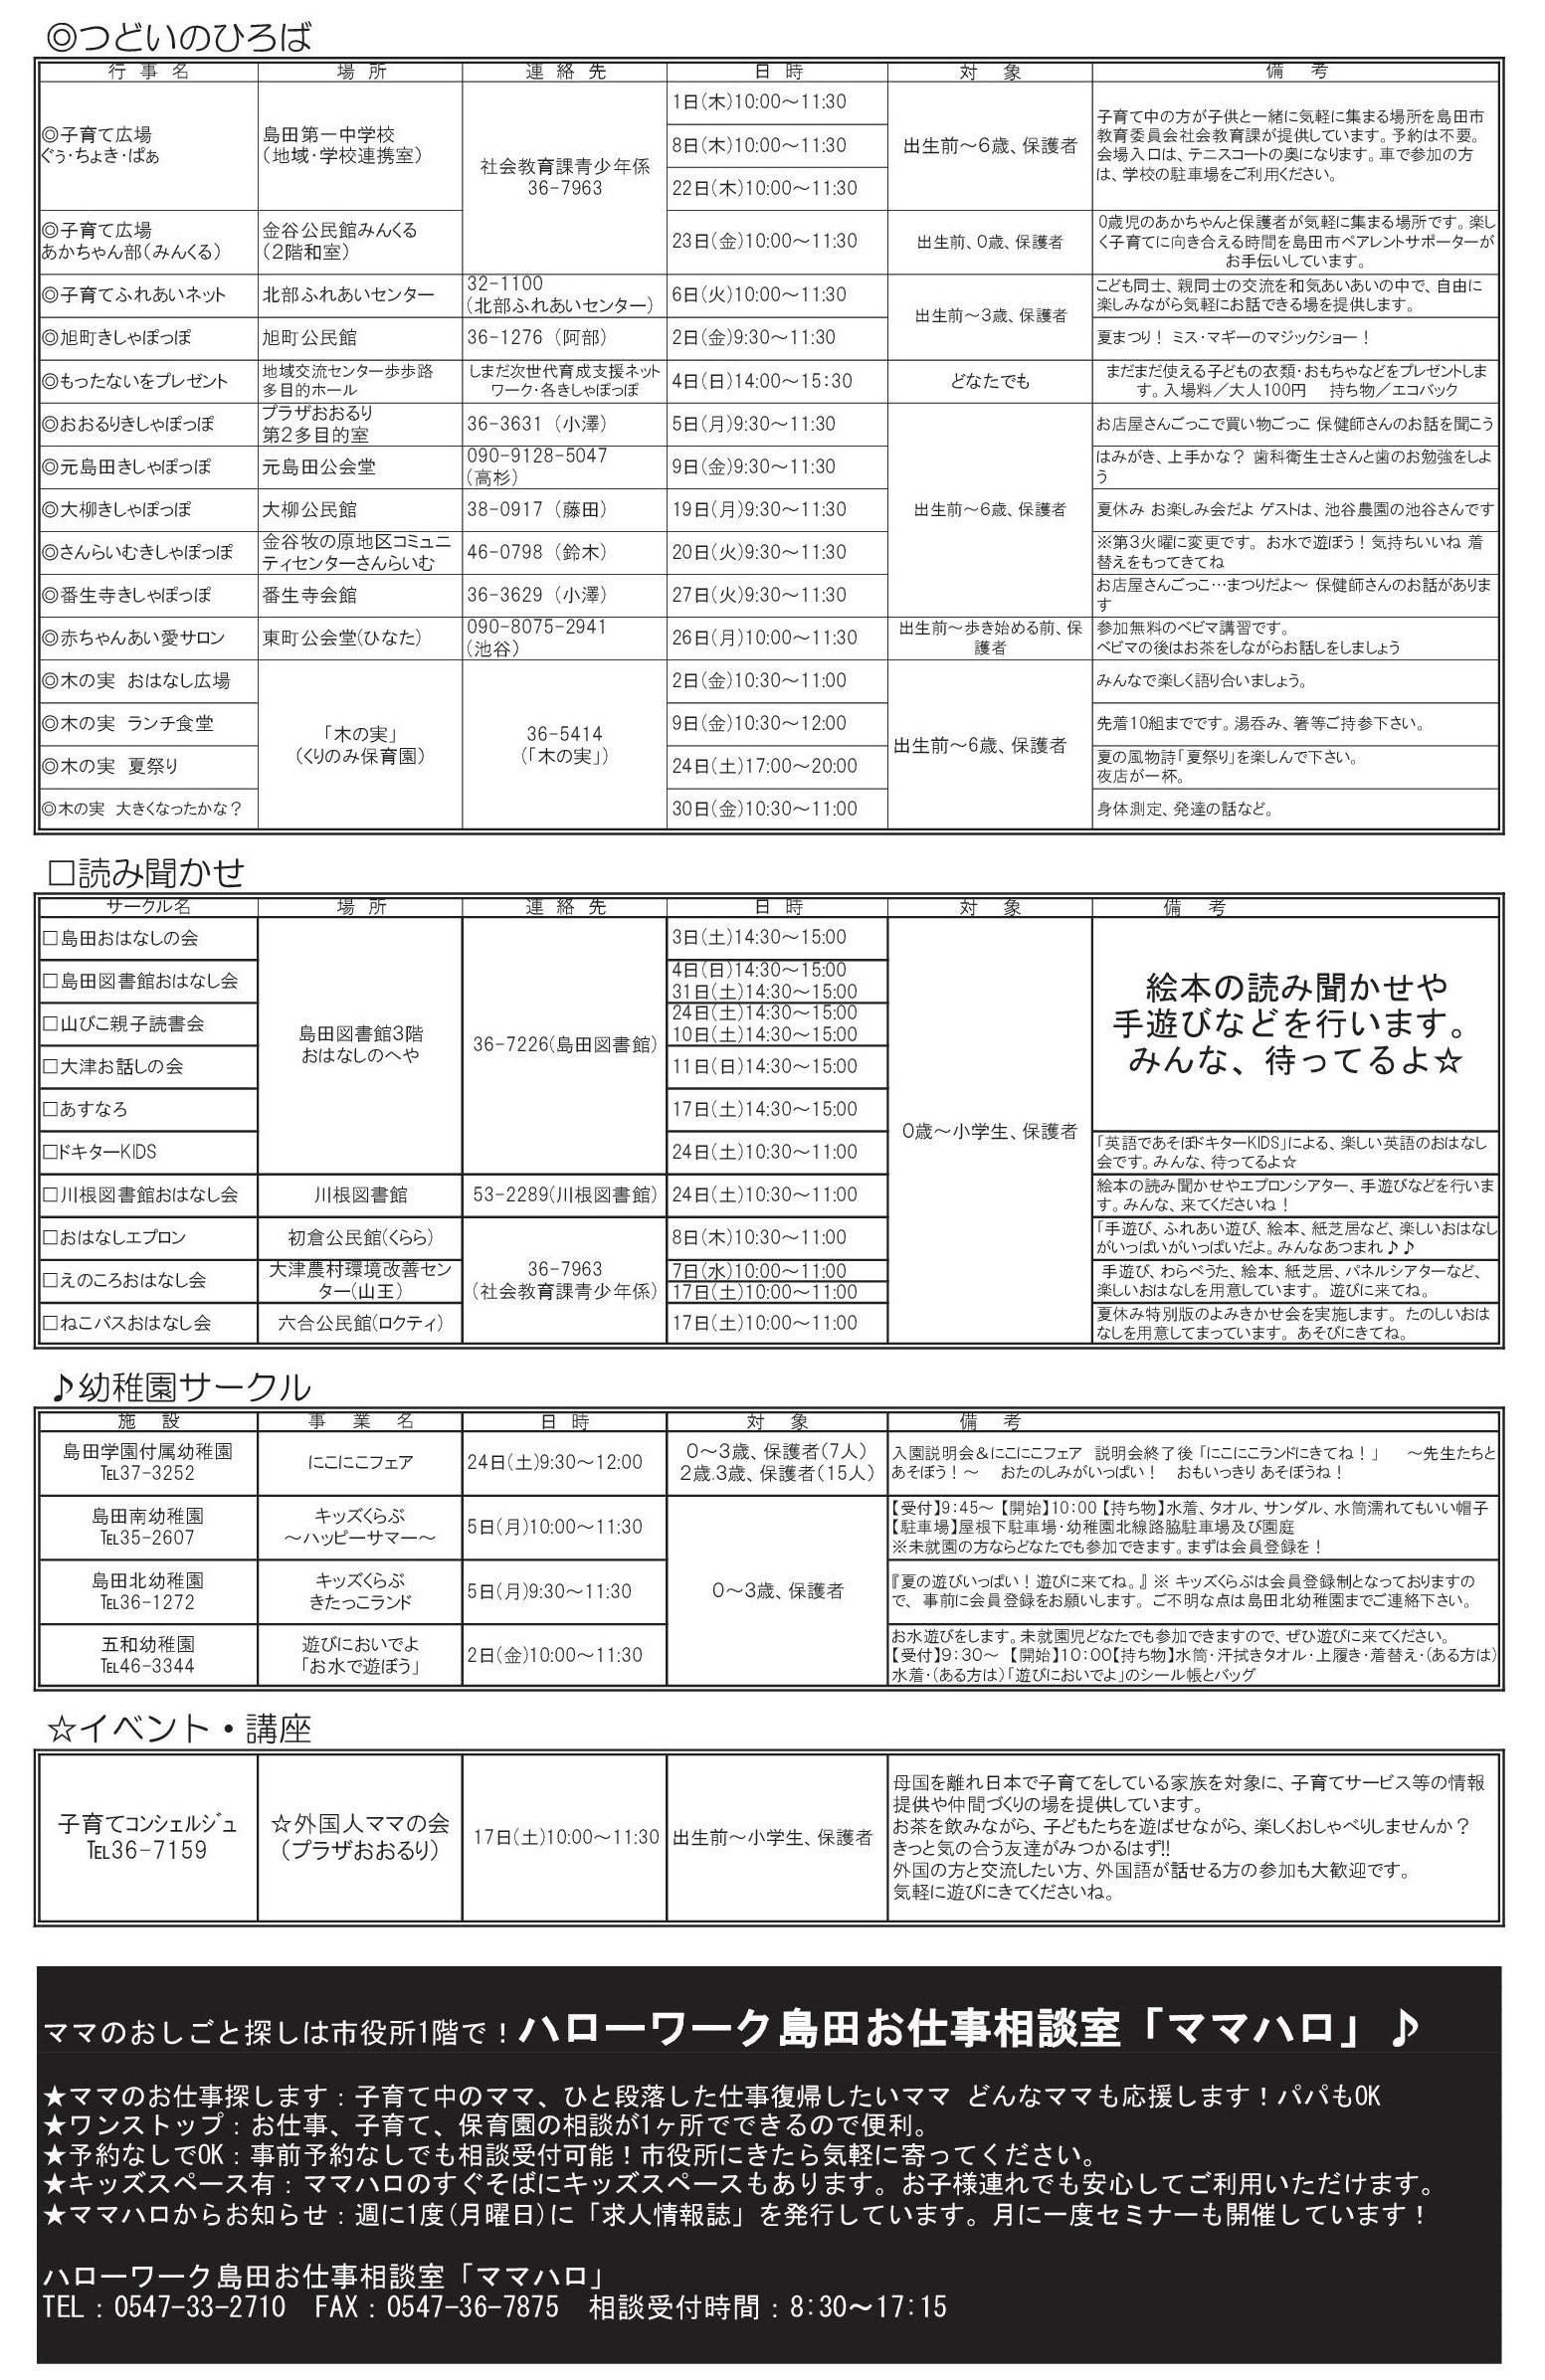 令和元年8月子育てカレンダー-001 - コピー